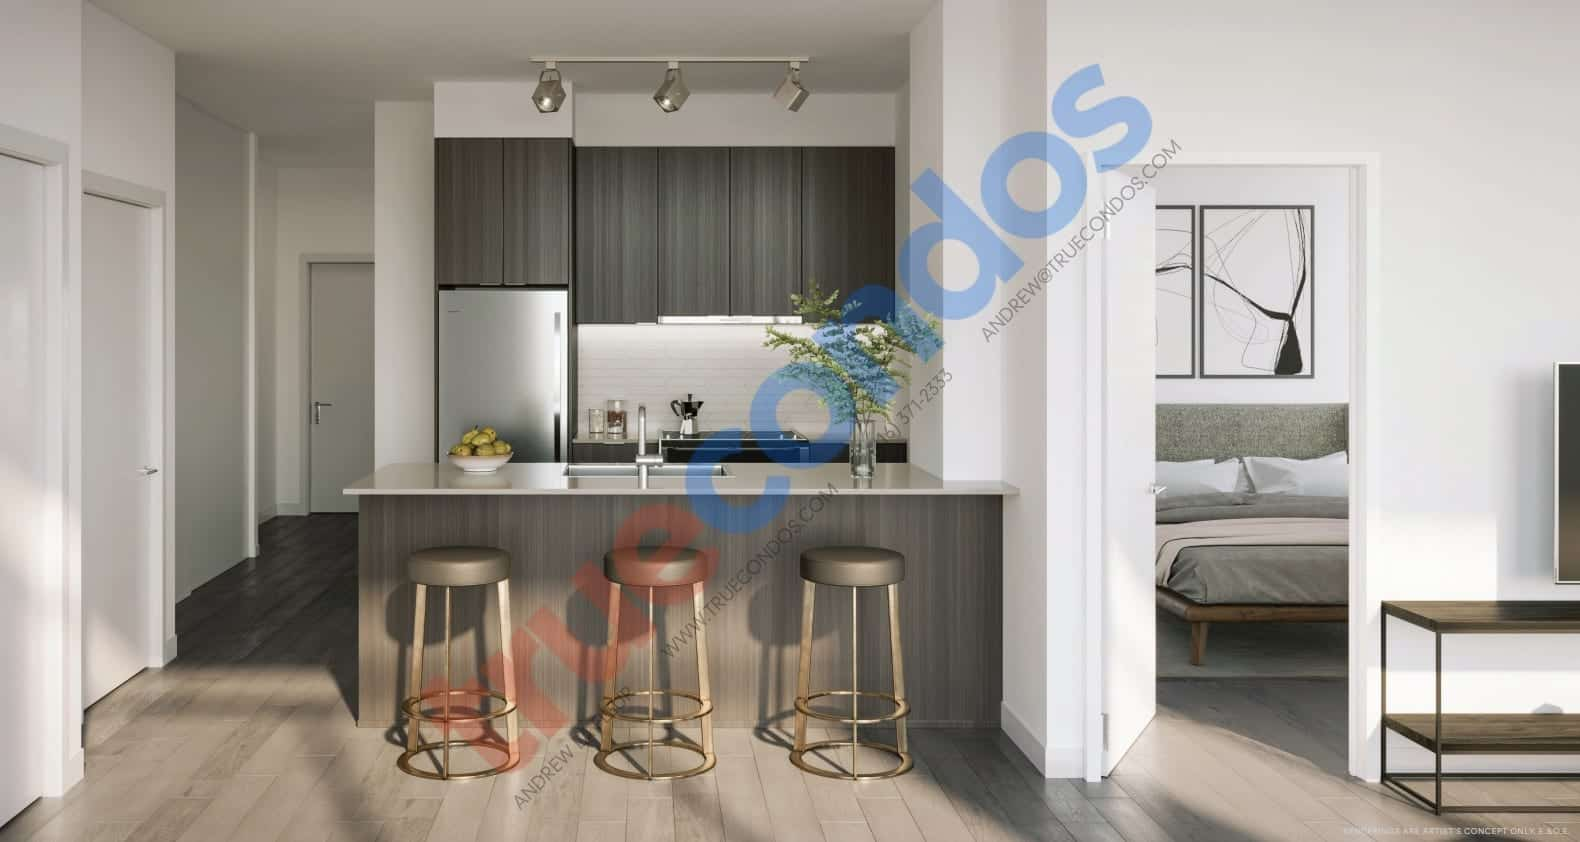 Avia Condos Kitchen Interior Rendering True Condos